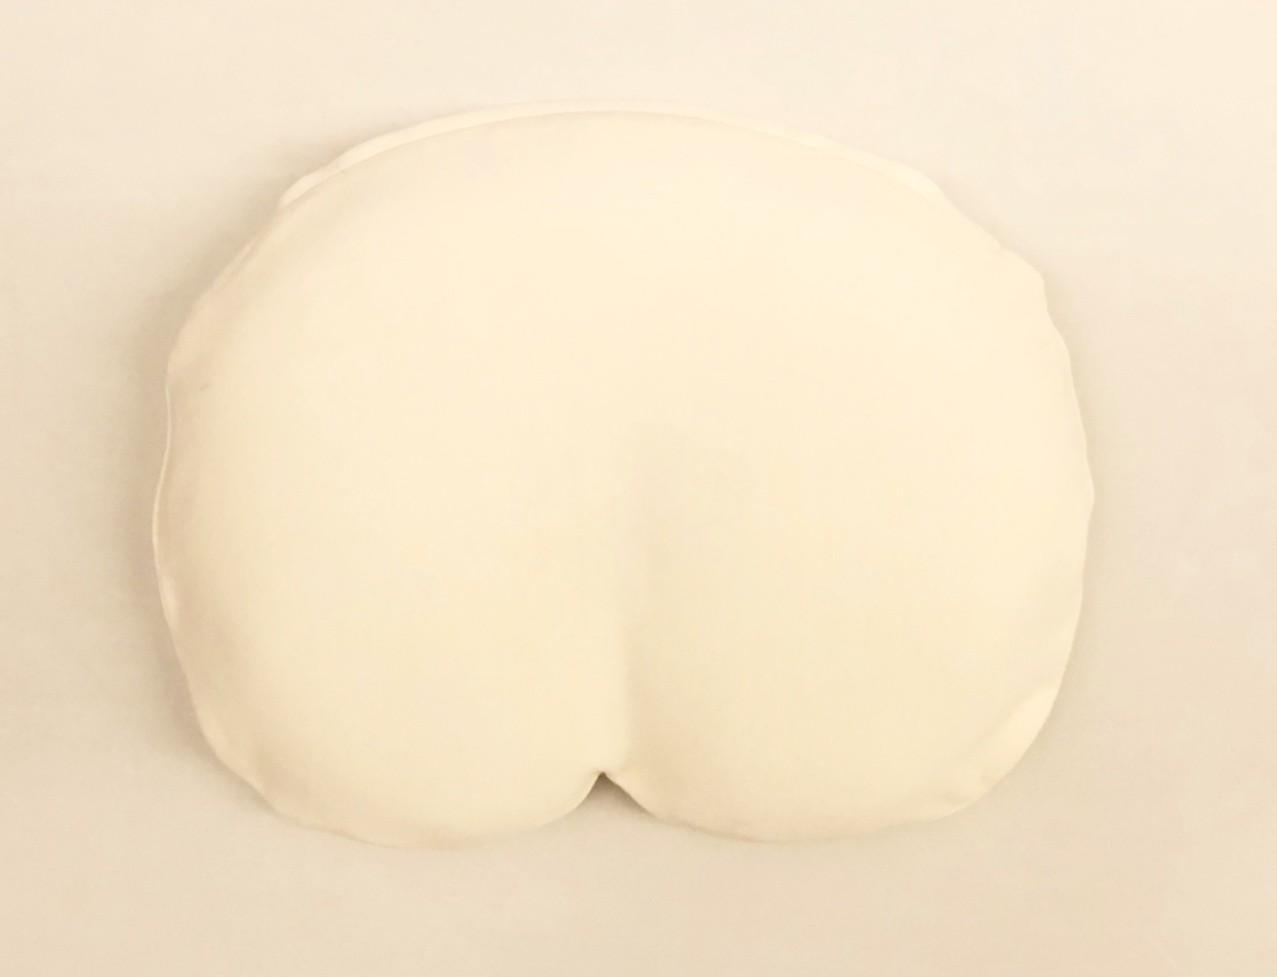 【新商品】「まんまる枕」さらさらニットカバー・ベージュとアイボリー